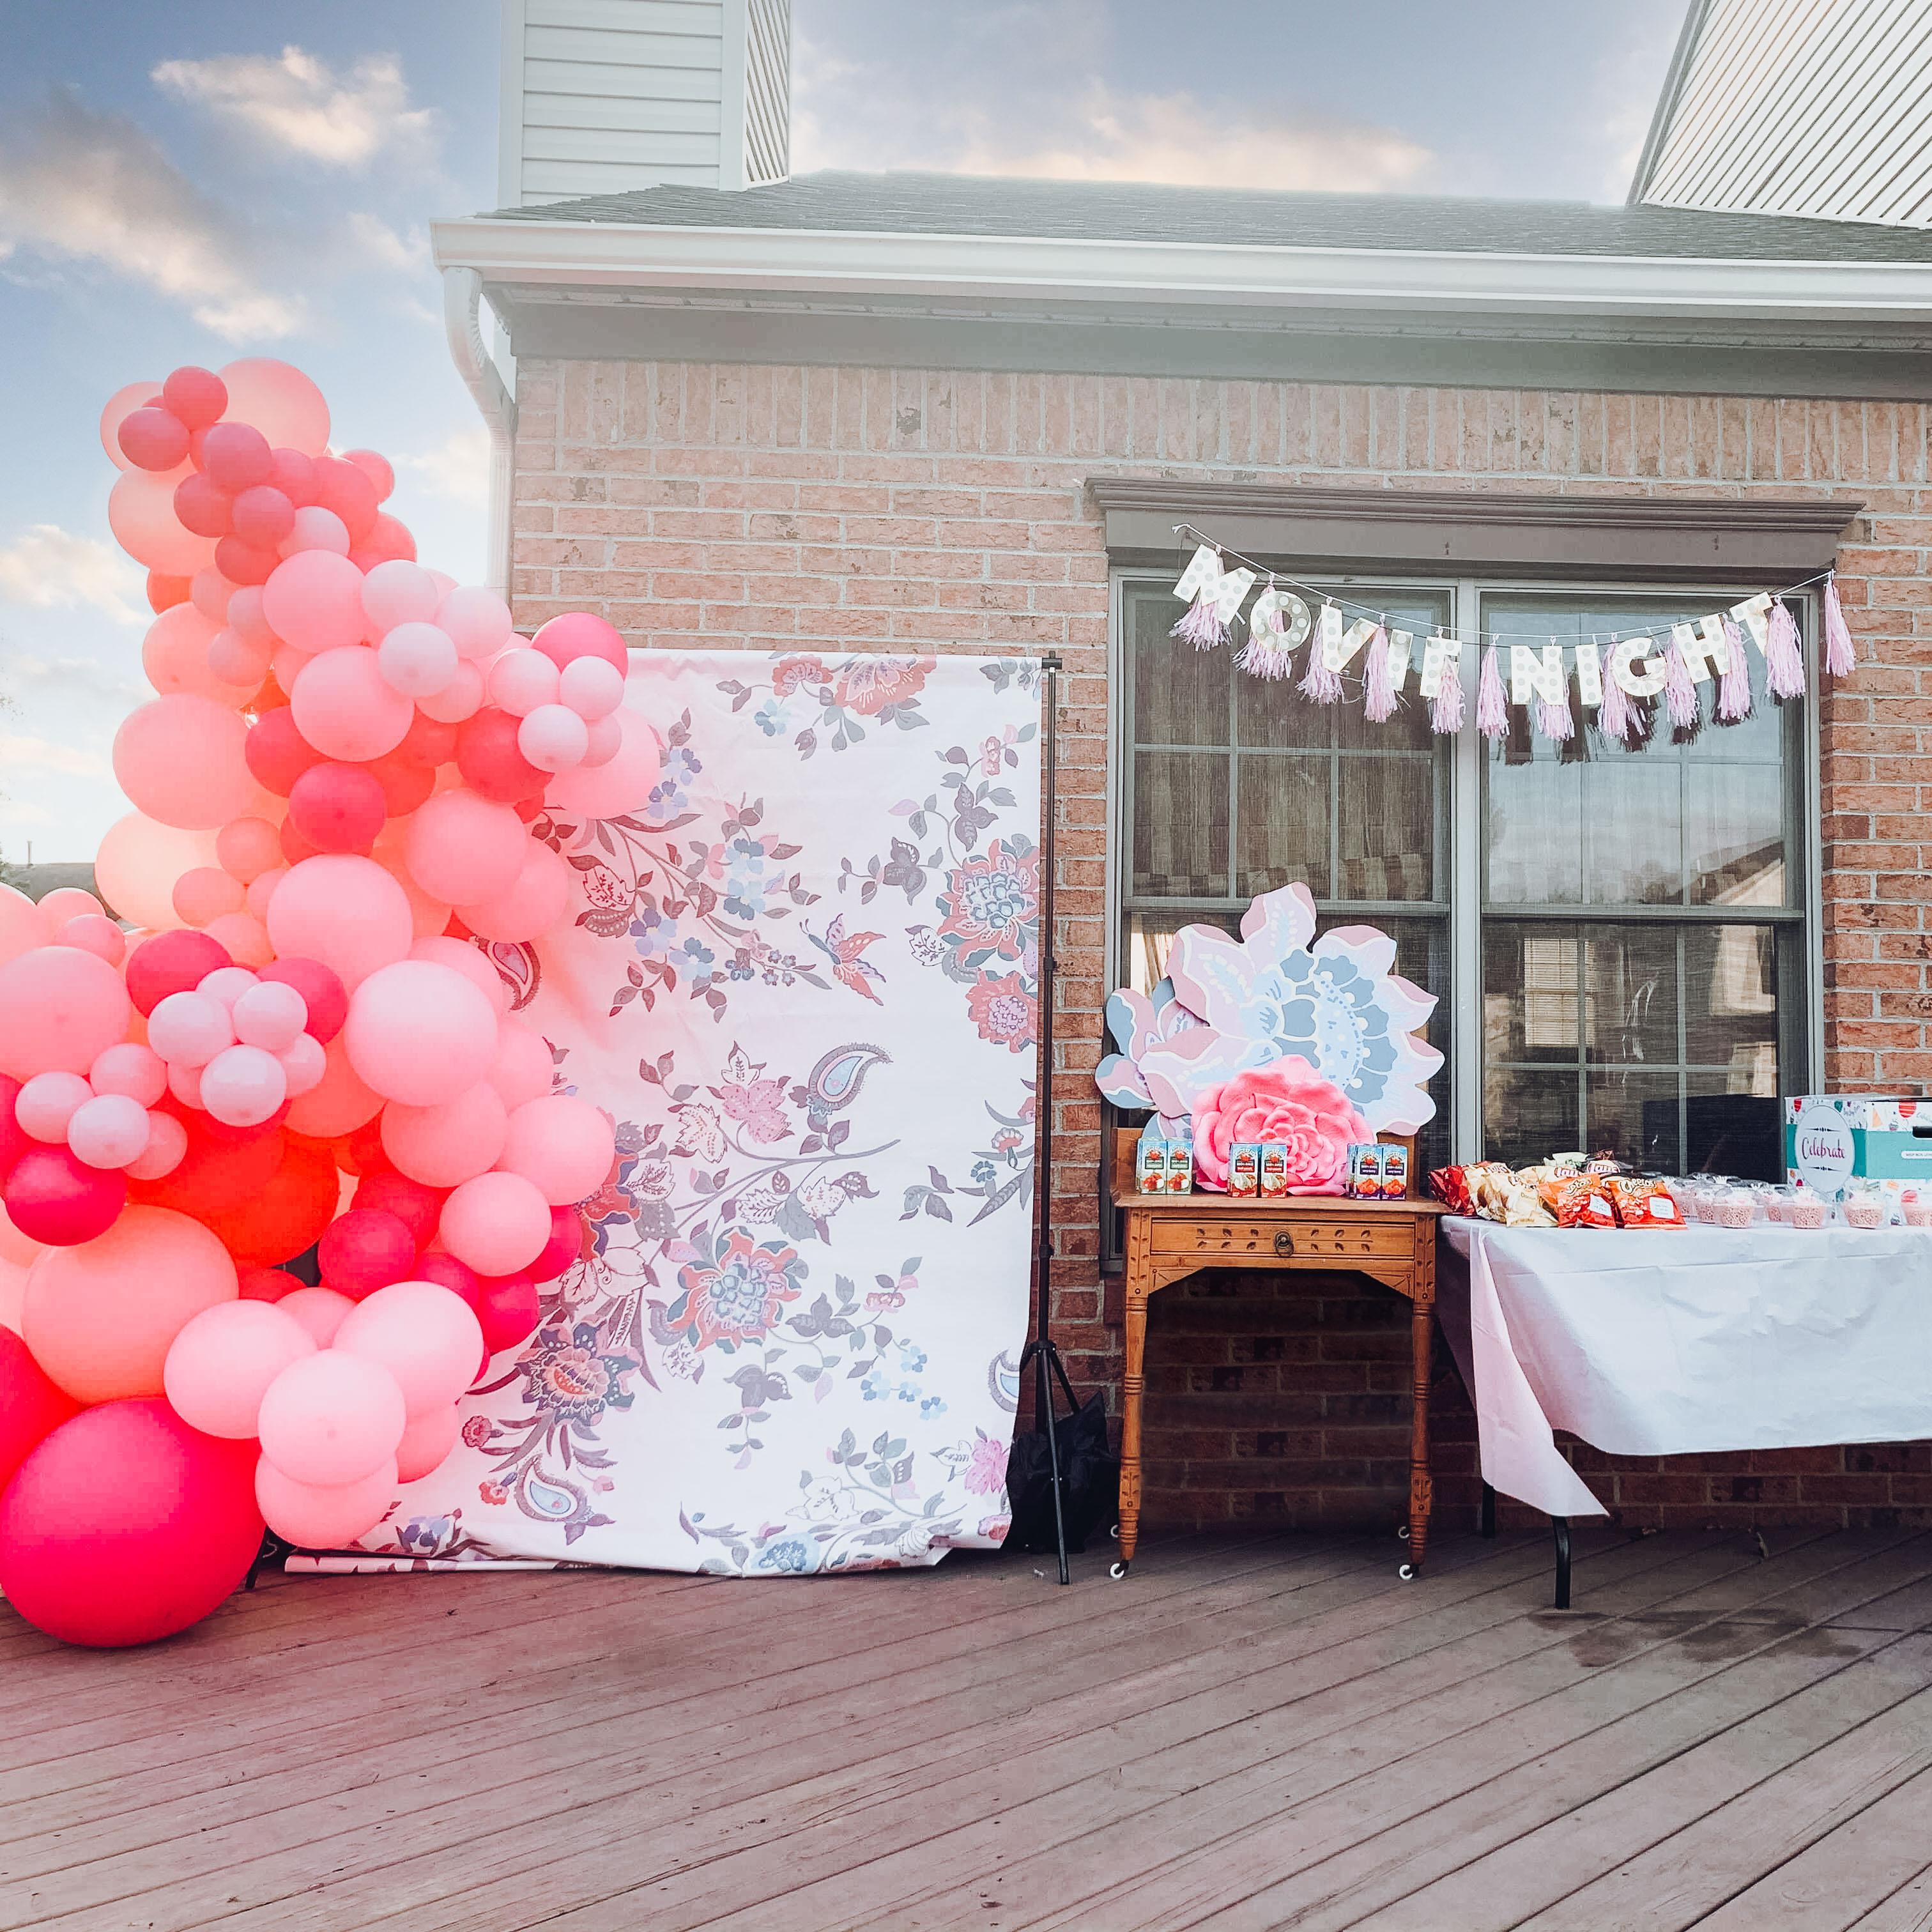 A pink balloon backdrop set-up